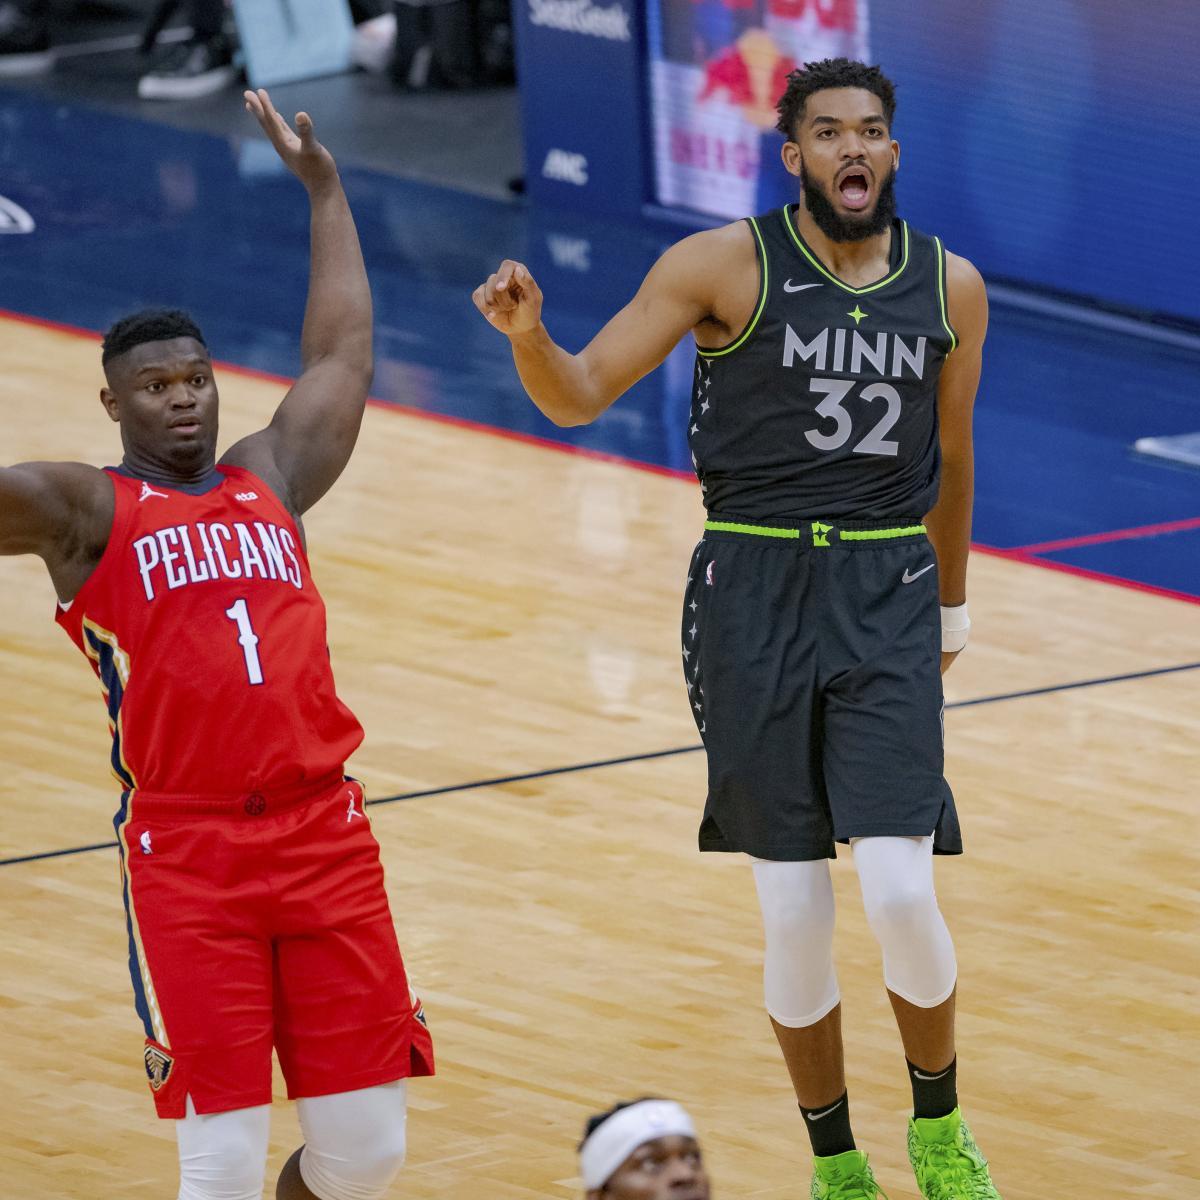 Prioritas Offseason Teratas untuk Setiap Tim Lotere NBA yang Diproyeksikan | Laporan Bleacher